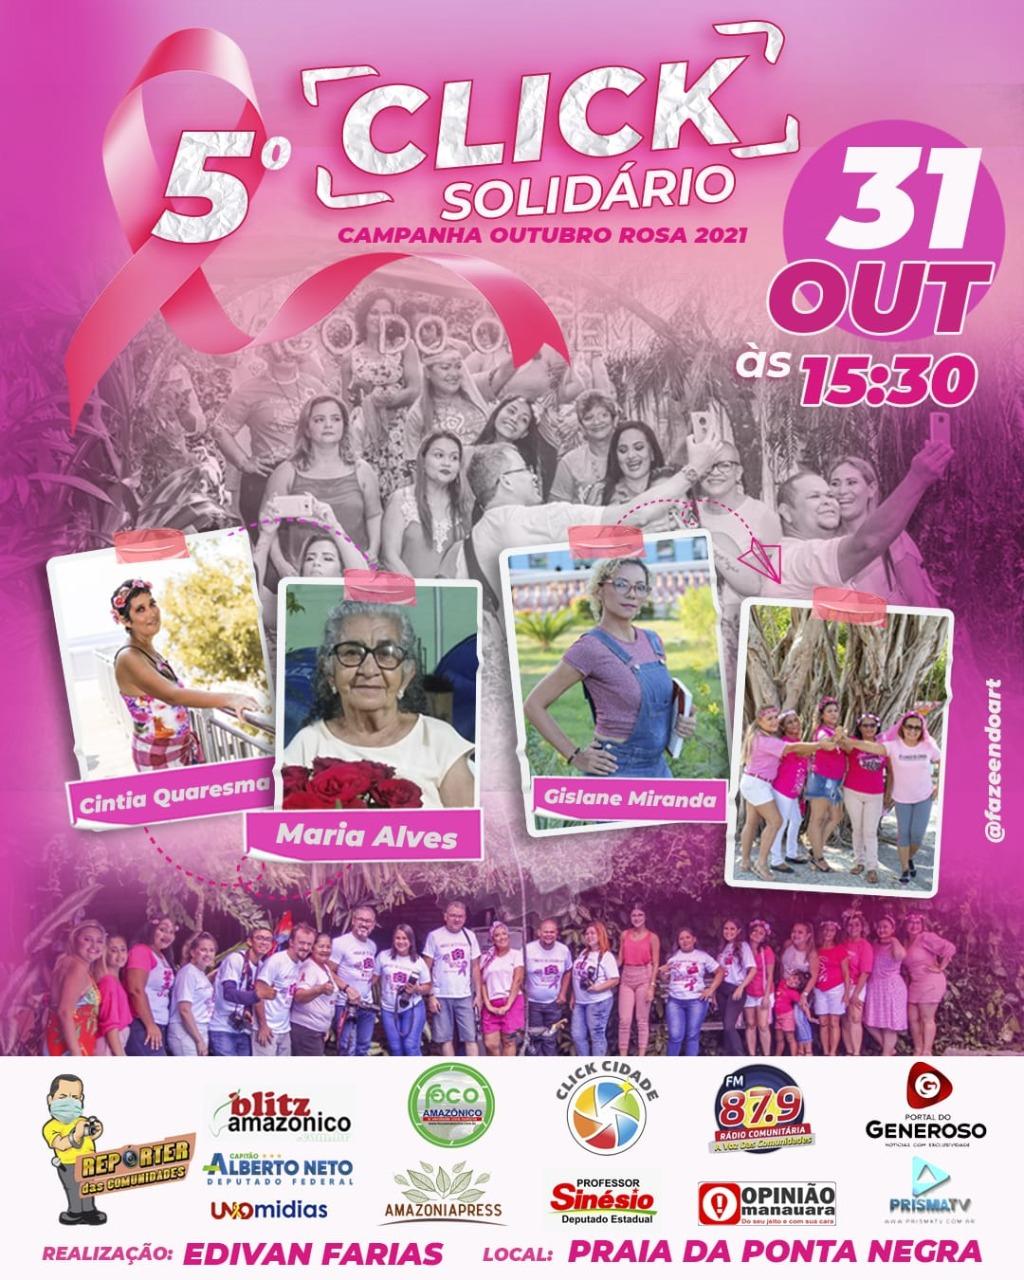 CLICK SOLIDÁRIO